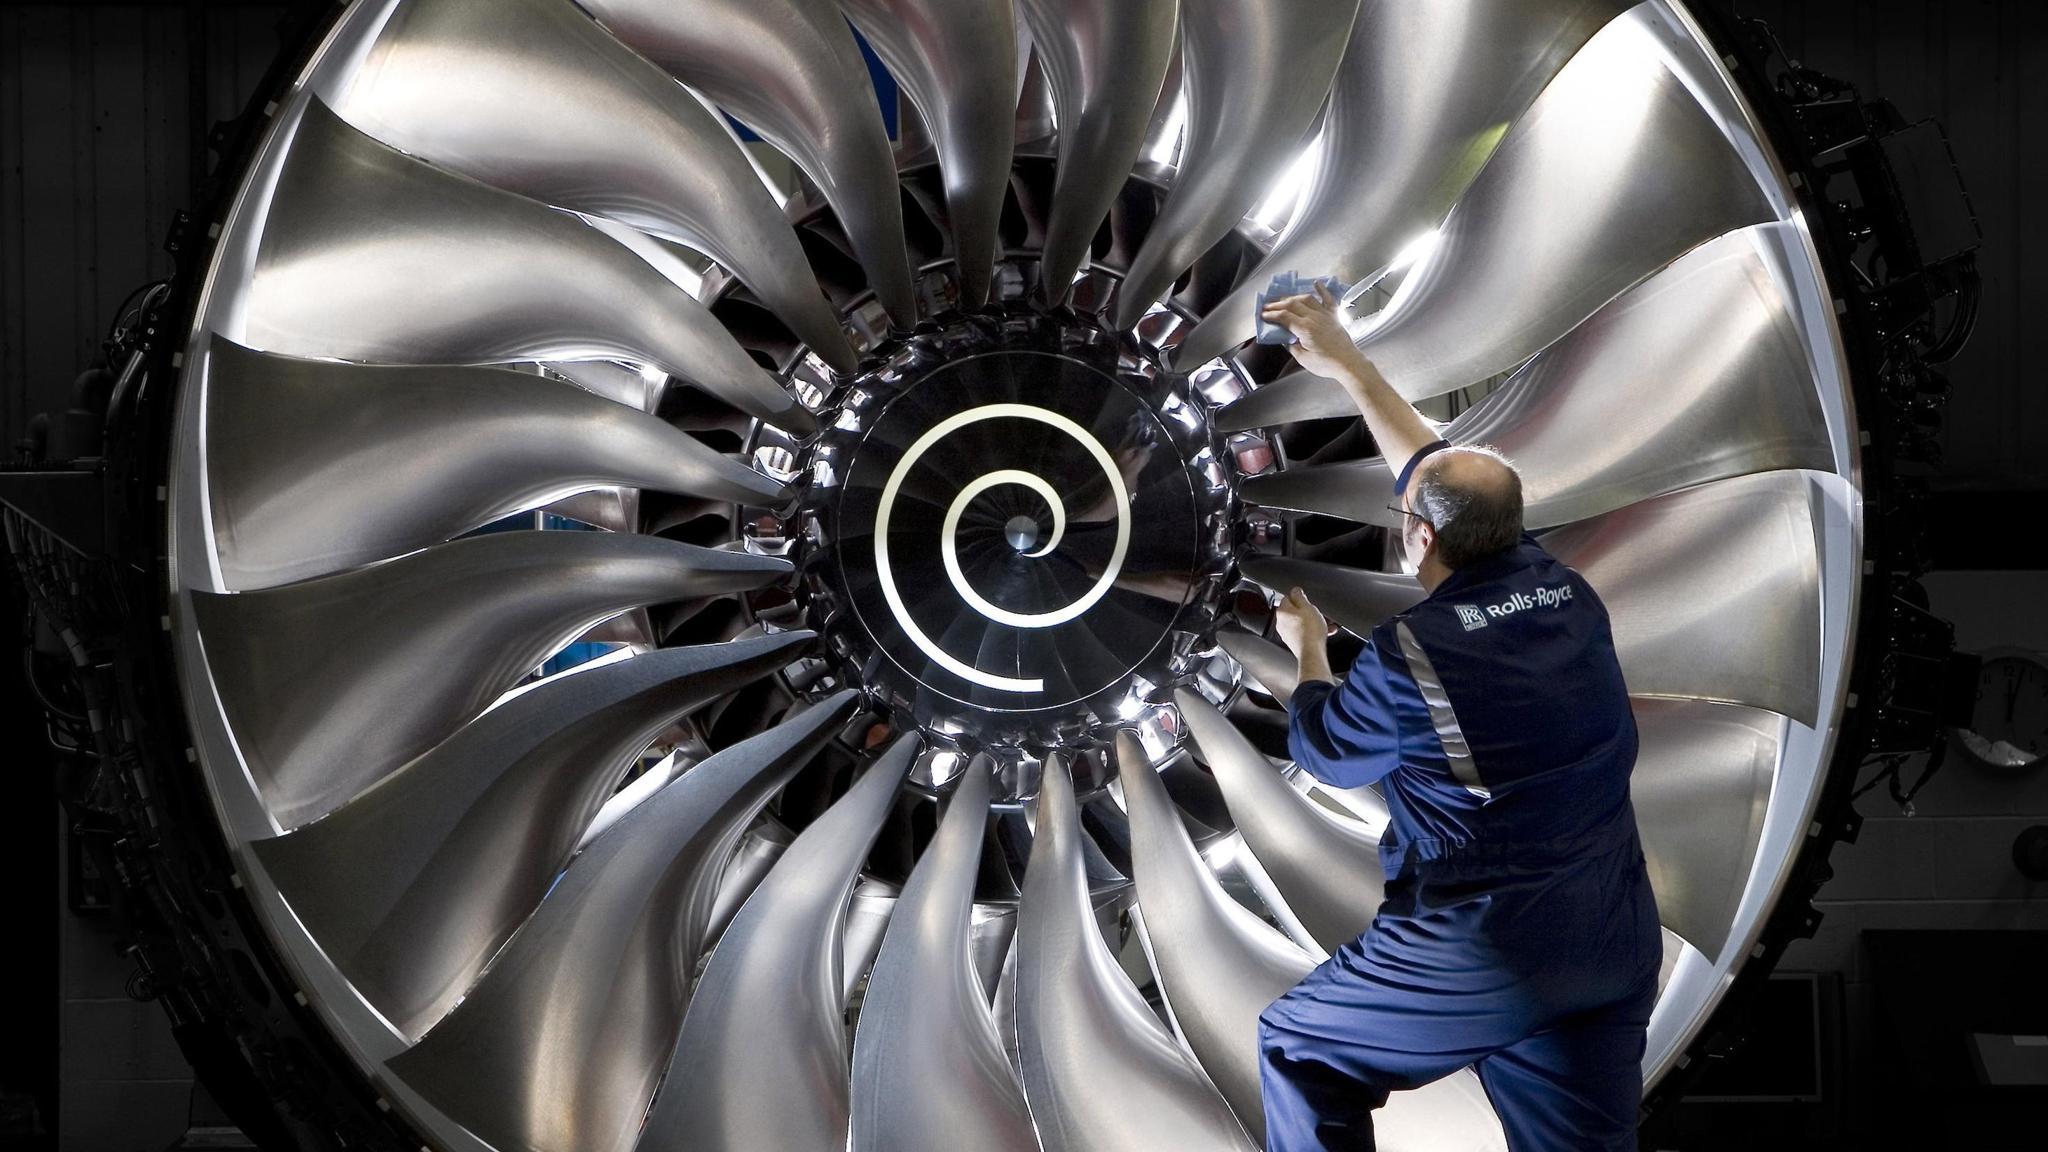 Aircraft Engine Wallpaper 84228